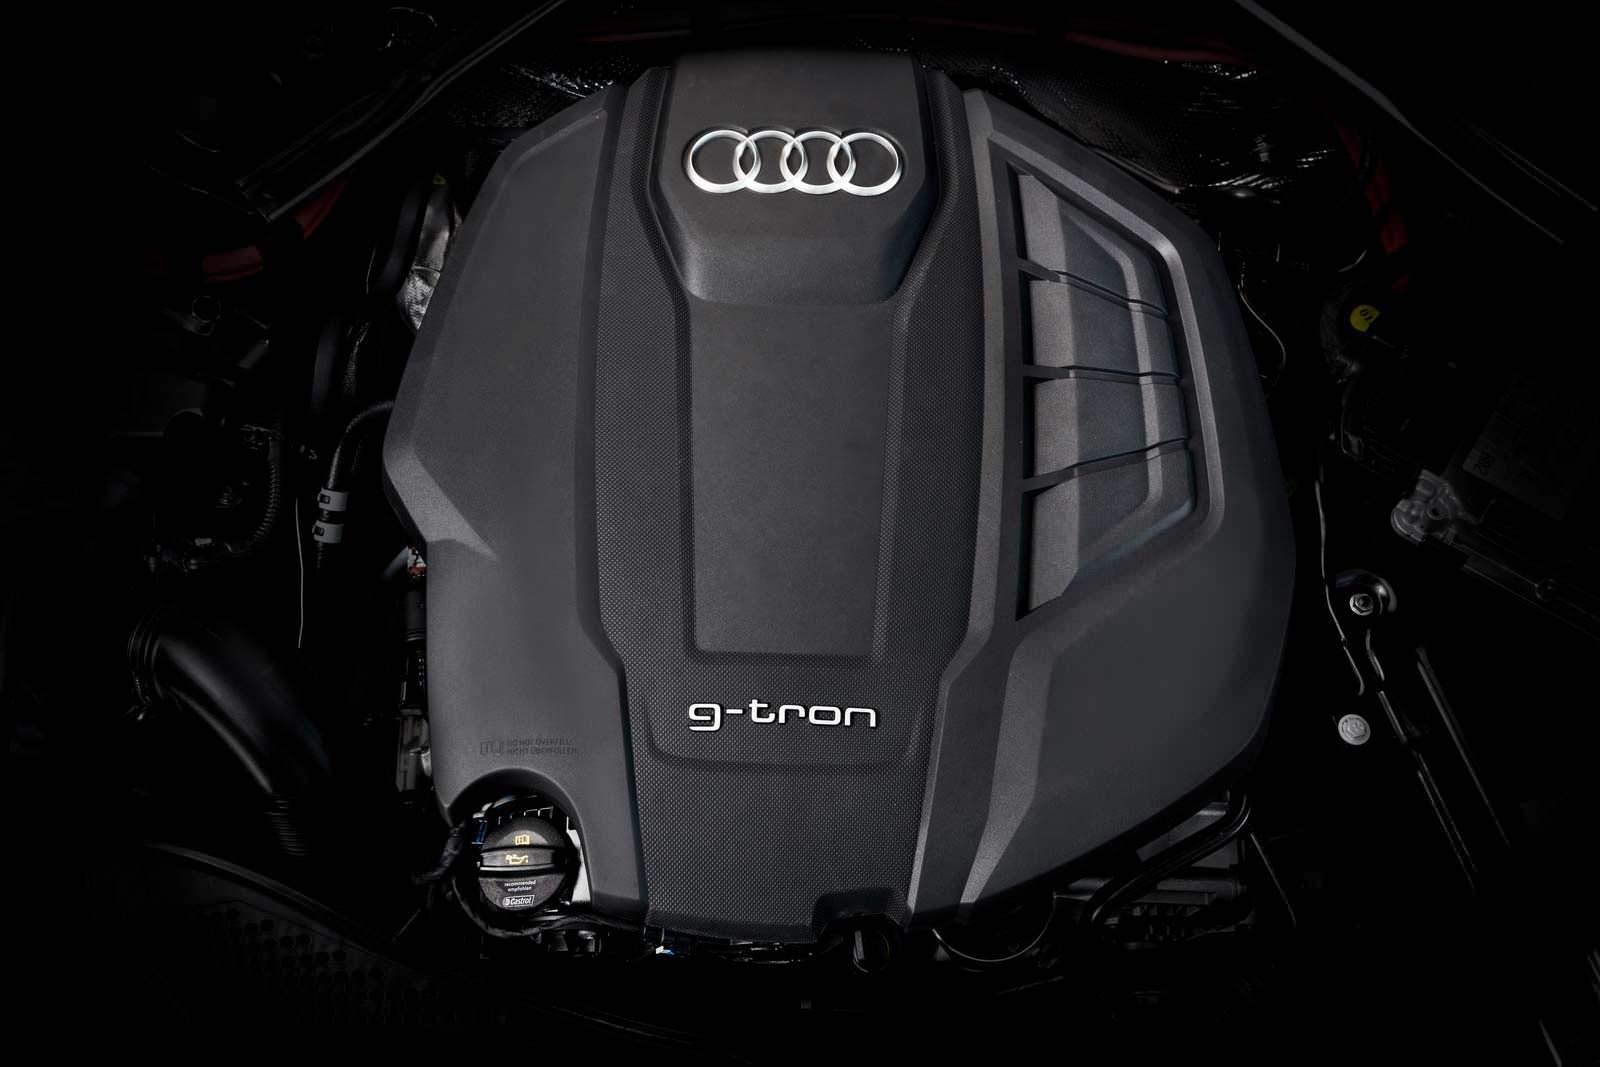 Двигатель 2.0 TFSI на газу под капотом Audi A5 Sportback G-Tron